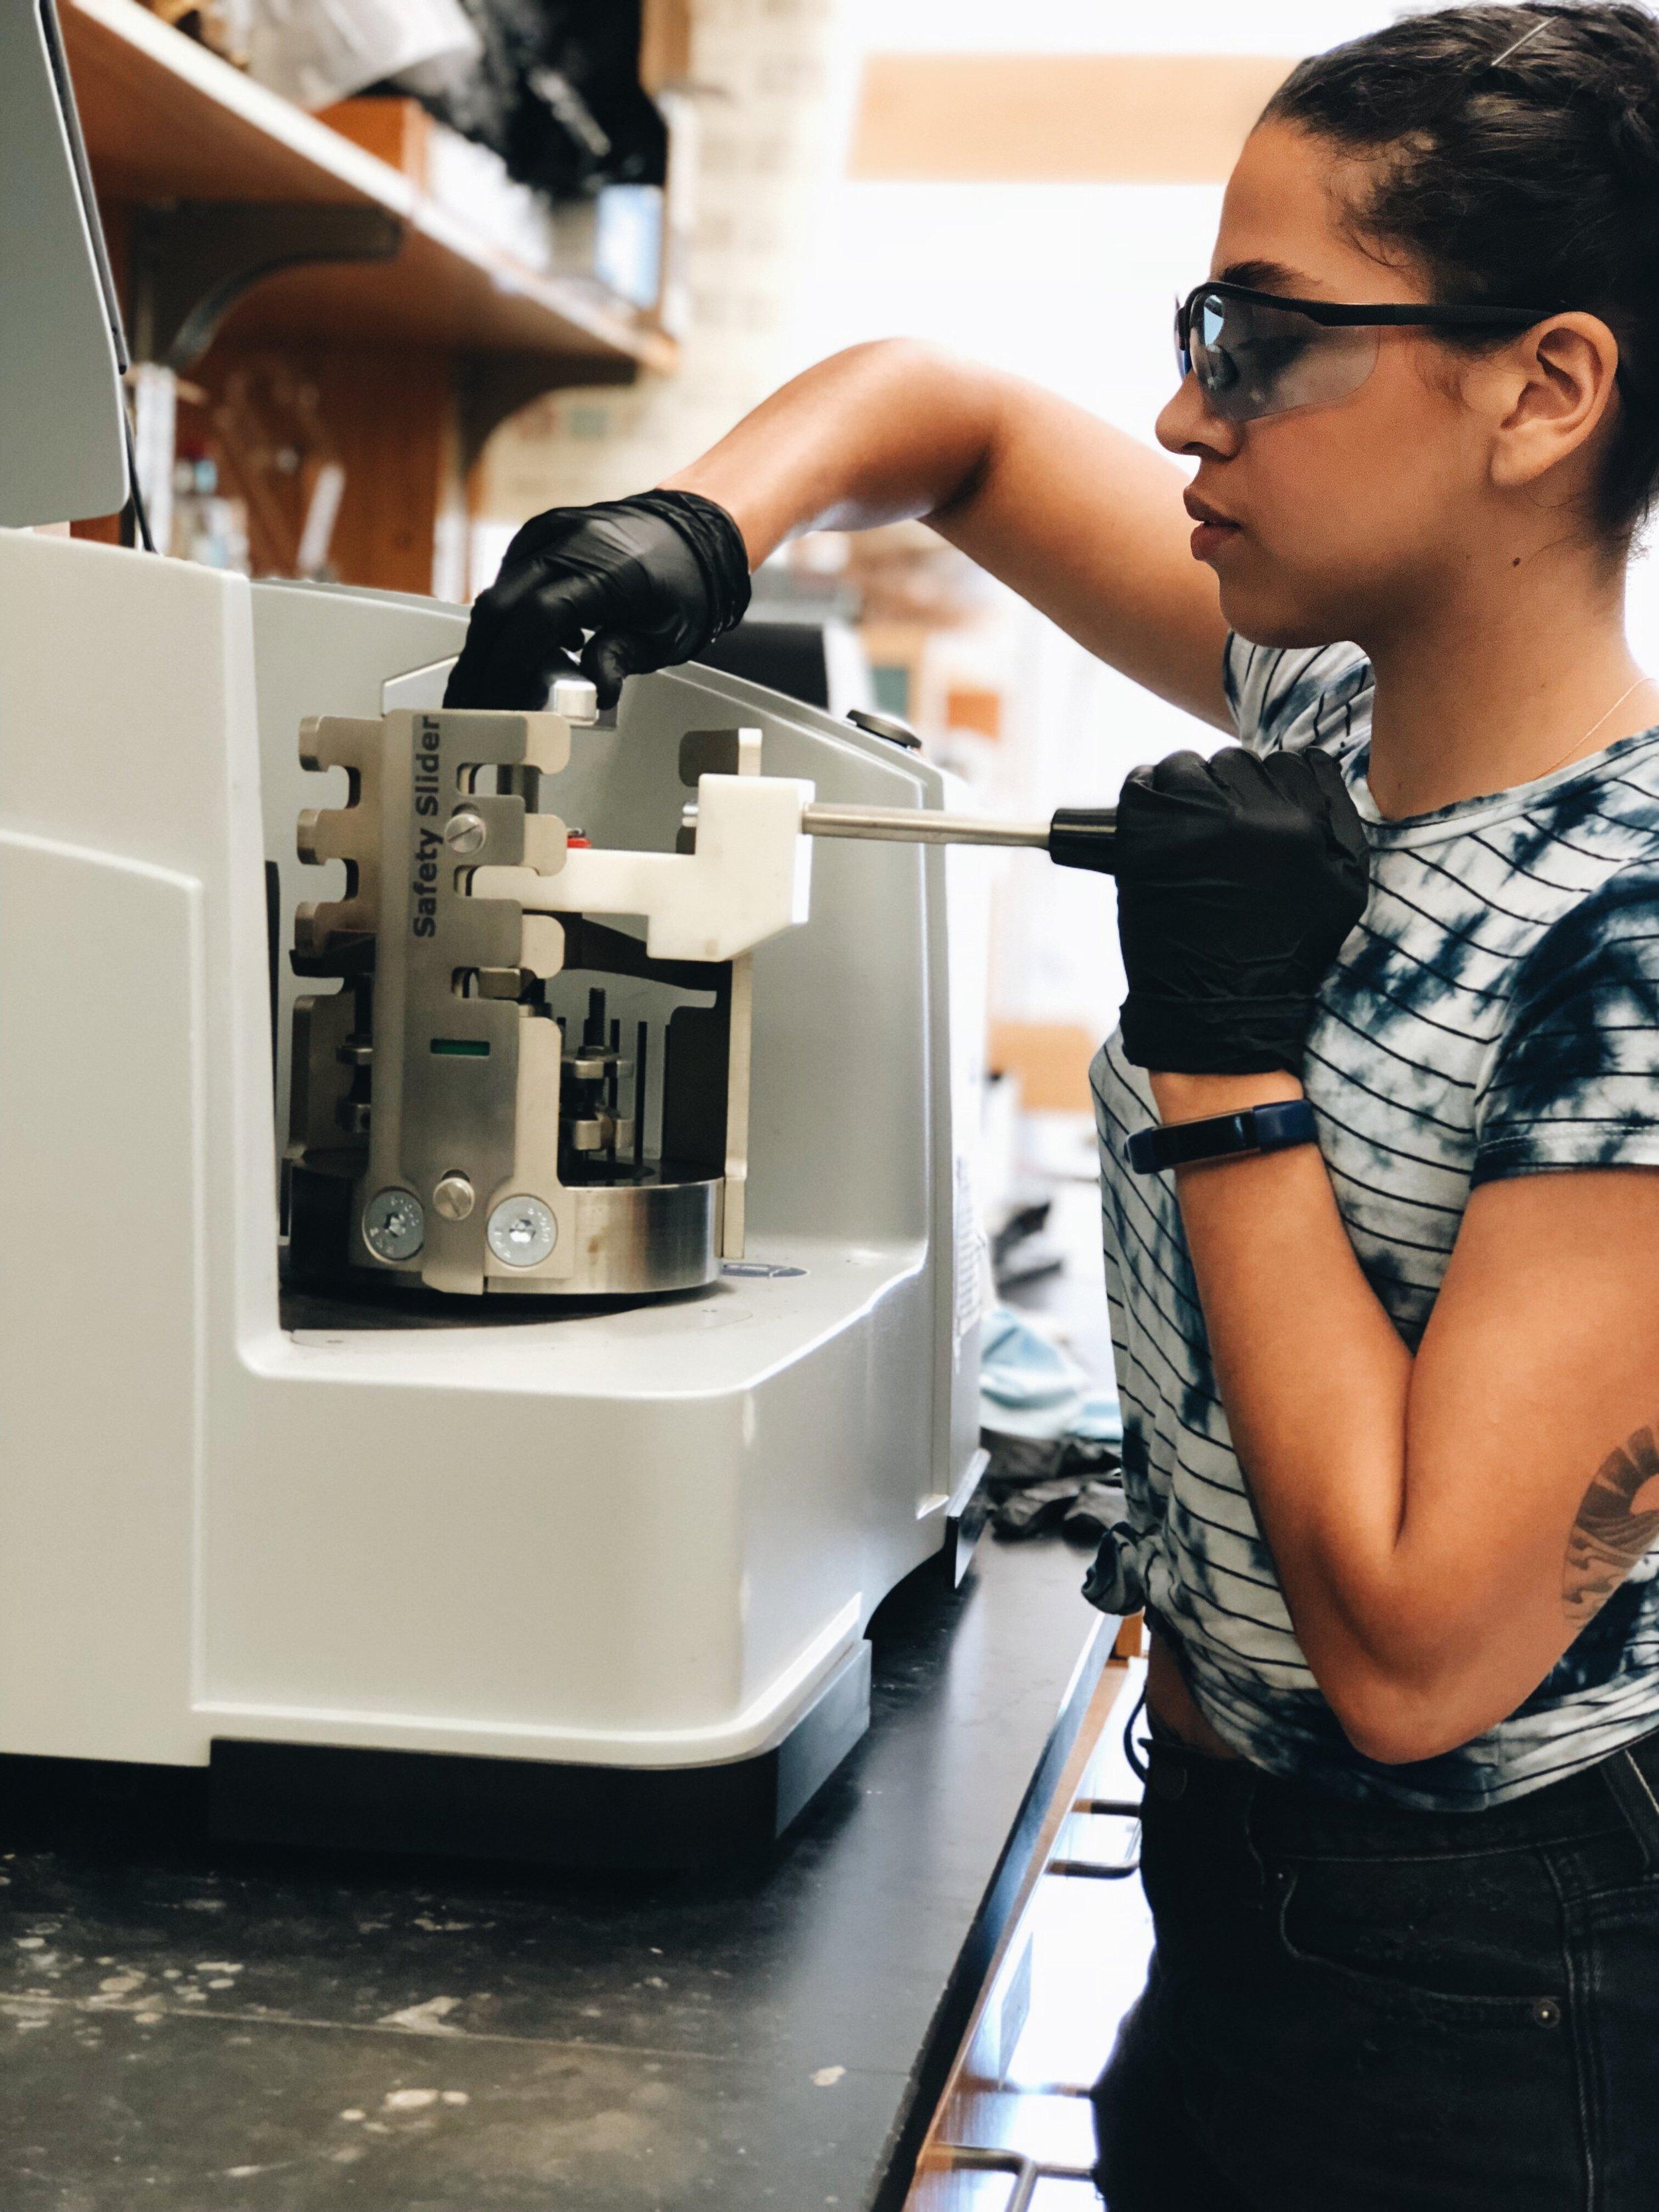 Meet this week's pheatured scientist - Phuture Dr. Stephanie Castillo